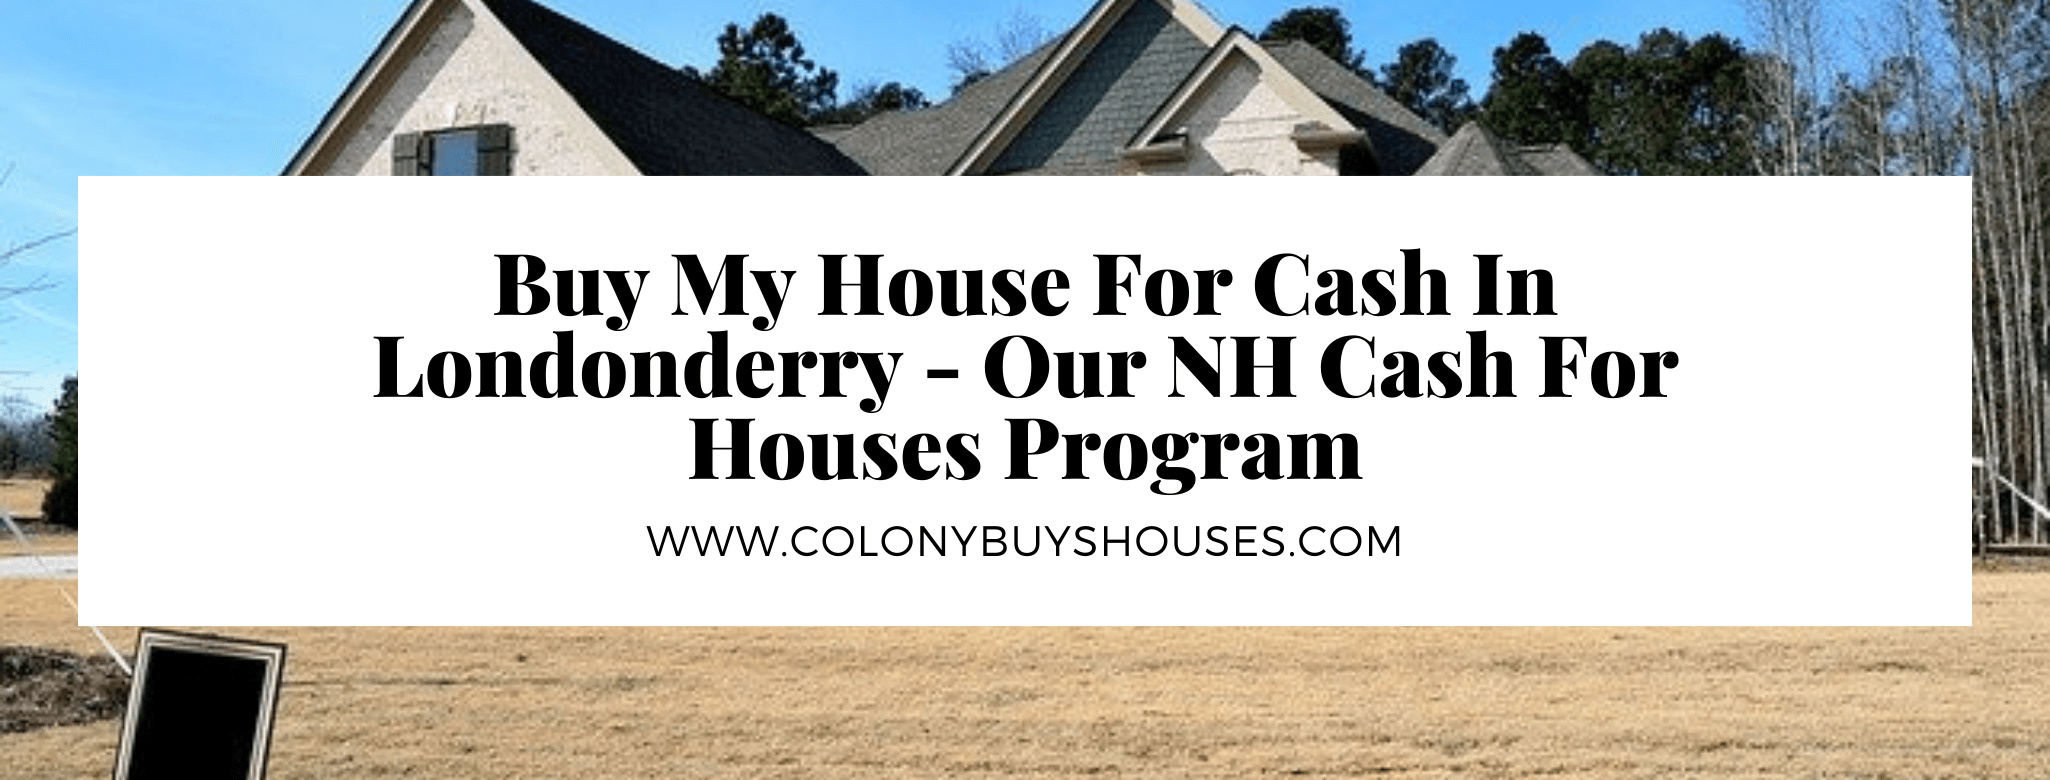 we buy properties in Londonderry NH